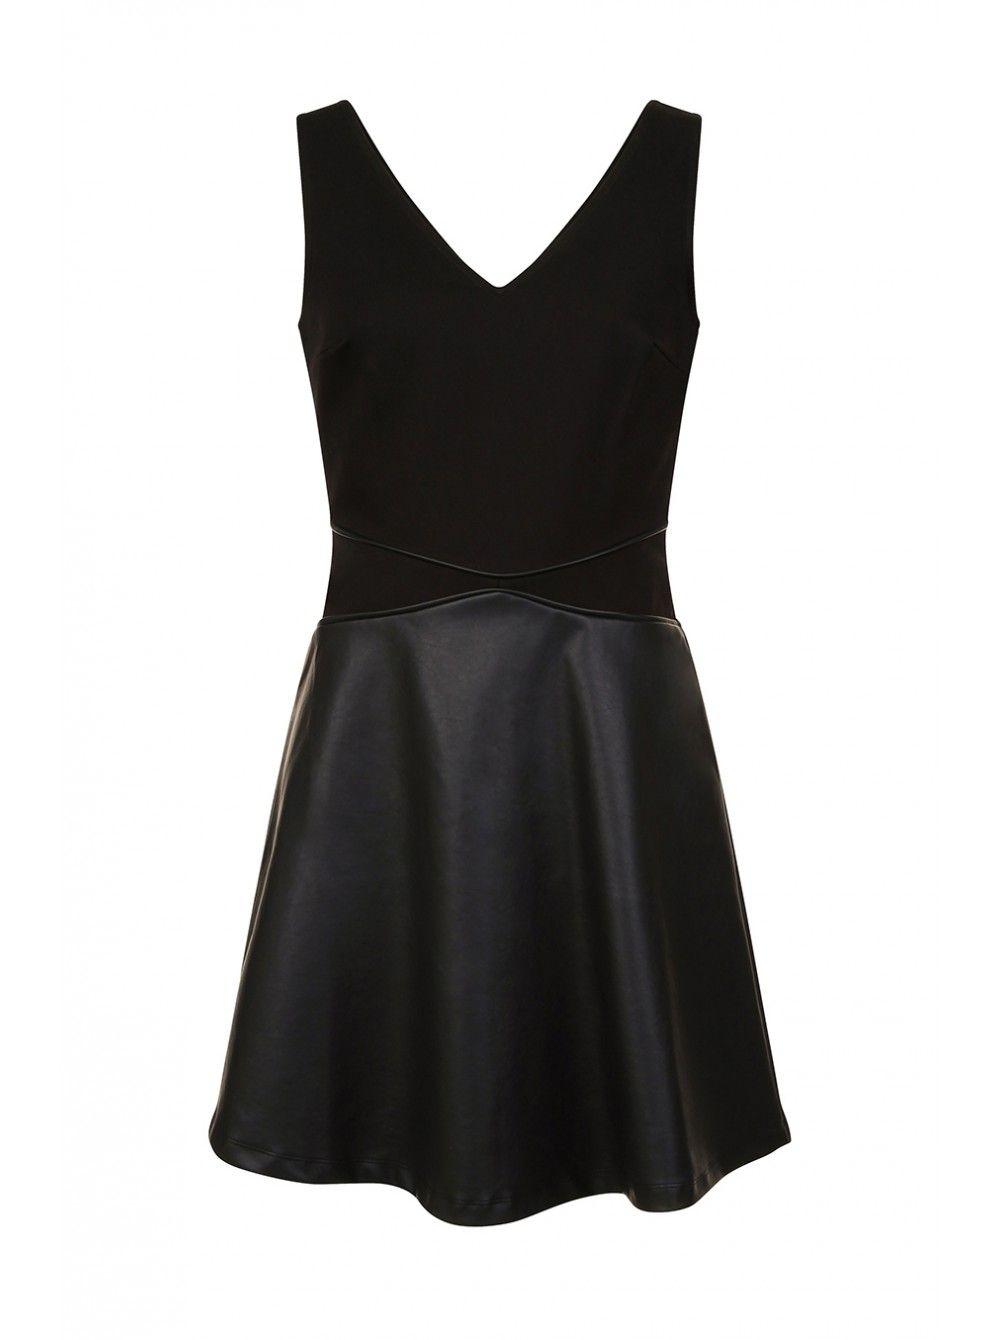 Robe noir Naf Naf, bi matière